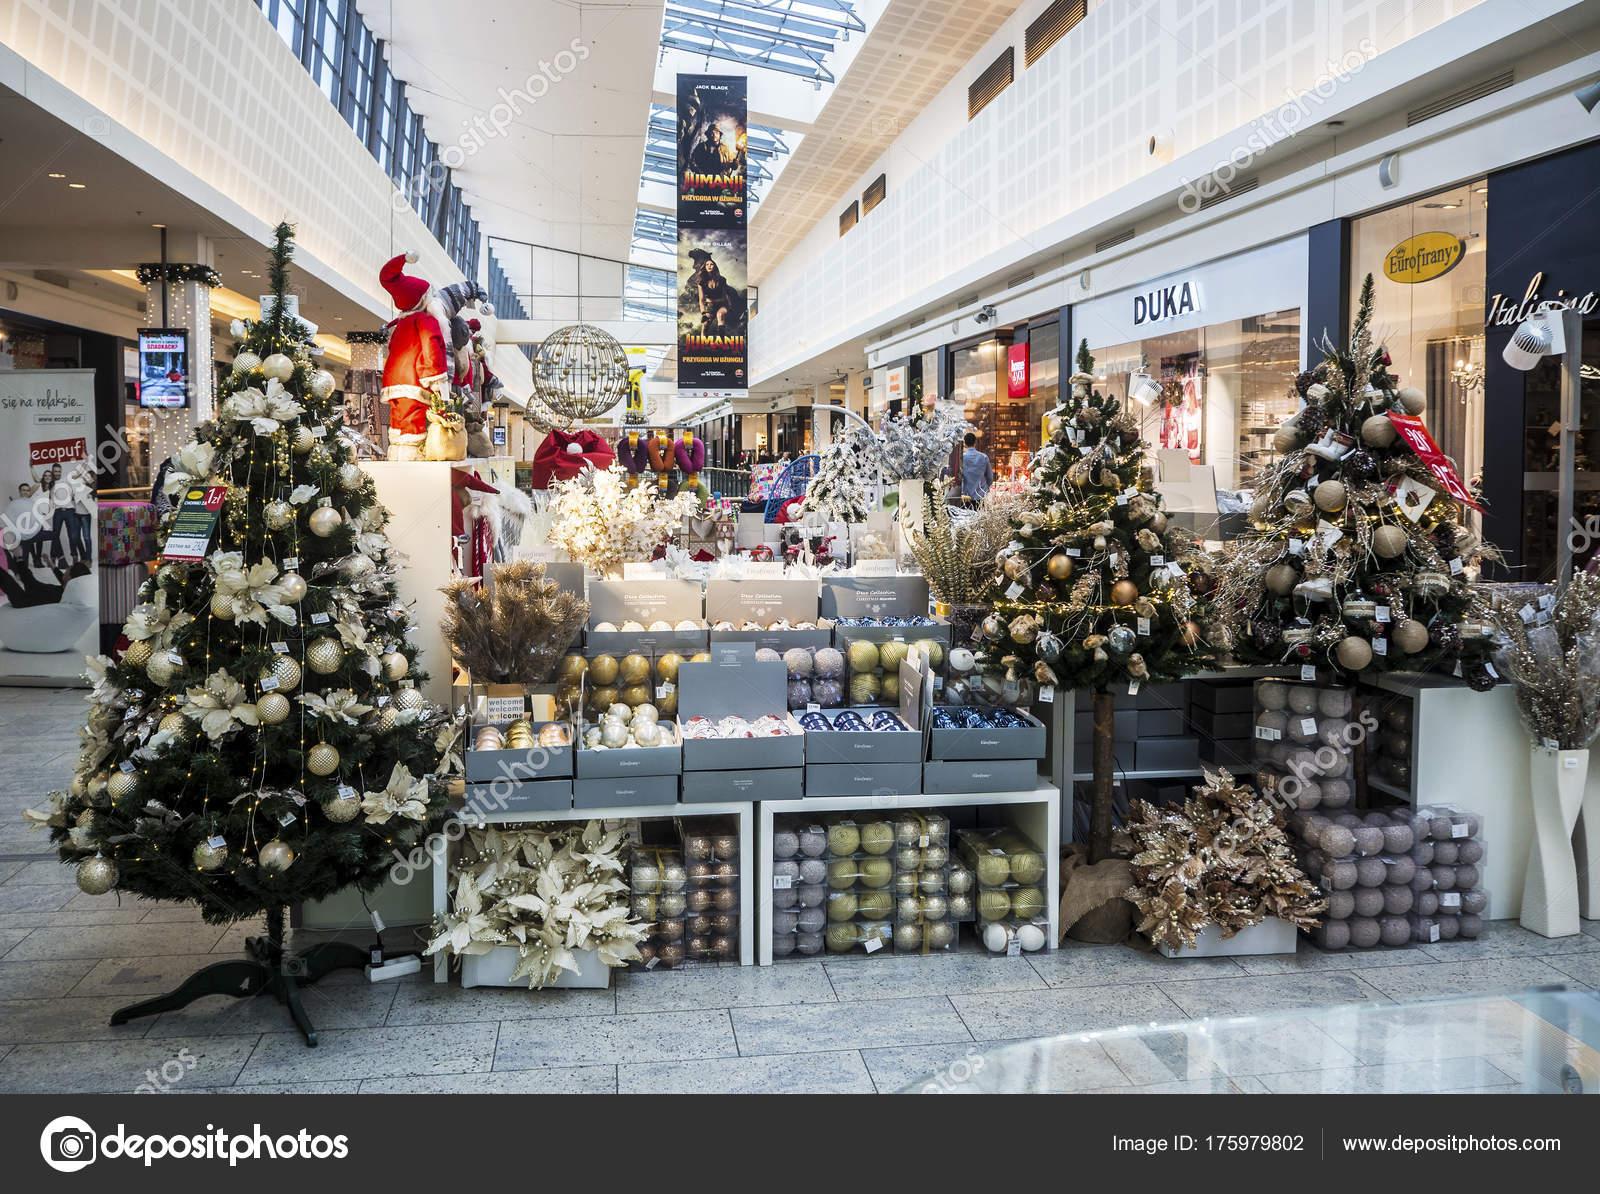 Christbaumkugeln Polen.Weihnachten Handelsposten Mit Weihnachten Bäume Lampen Und